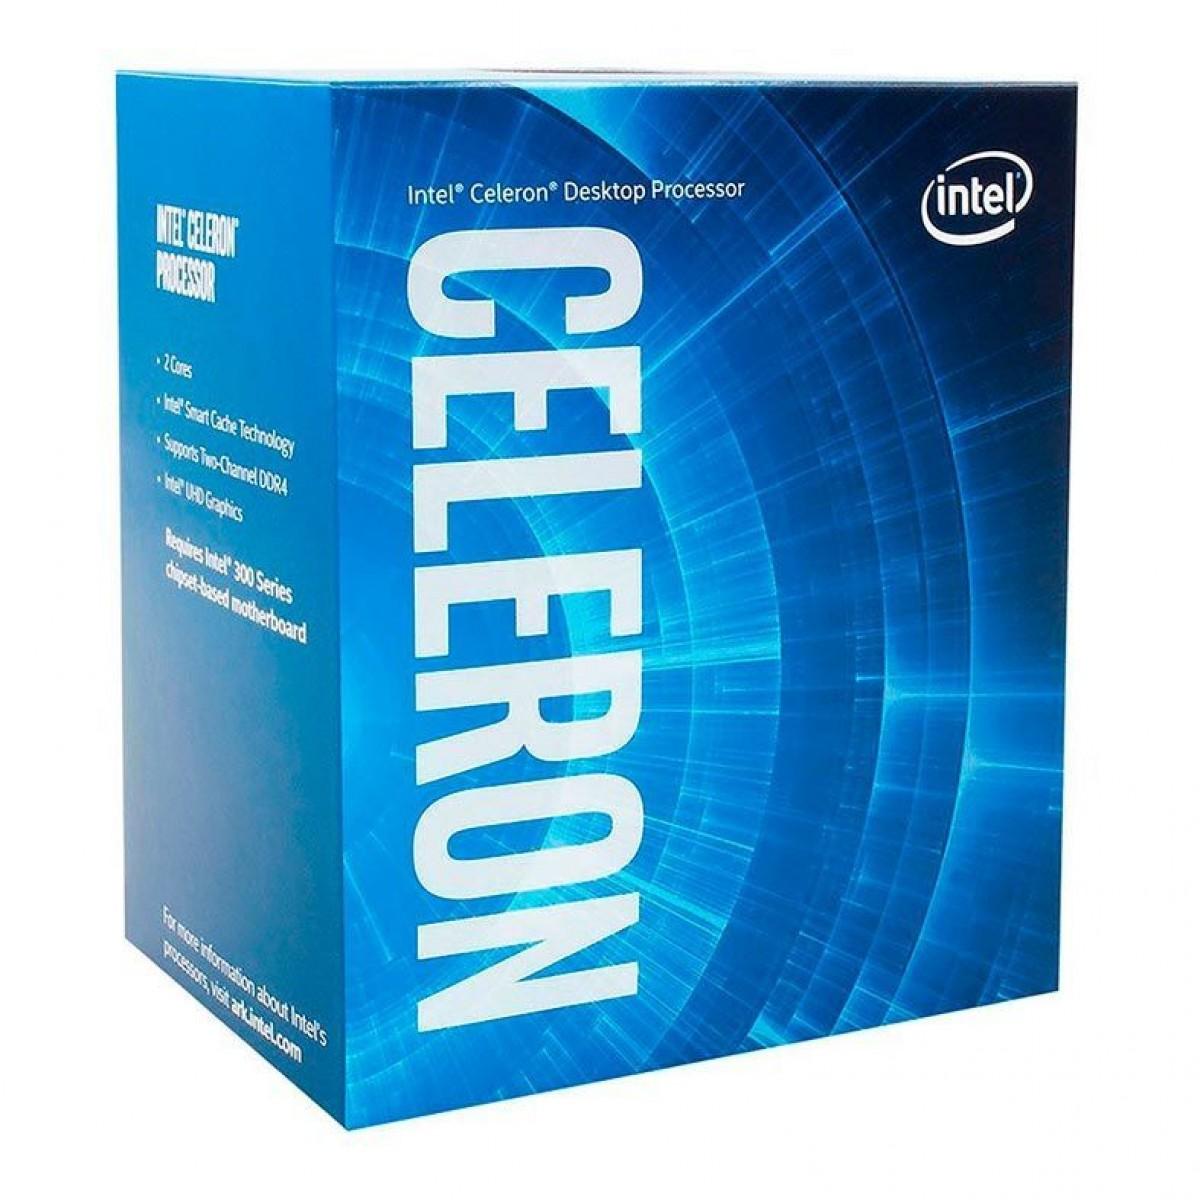 Processador Celeron Lga 1200 G5905 3,5ghz 4mb Cache Com Video 10 Geracao - Bx80701g5905 - Intel  - Districomp Distribuidora